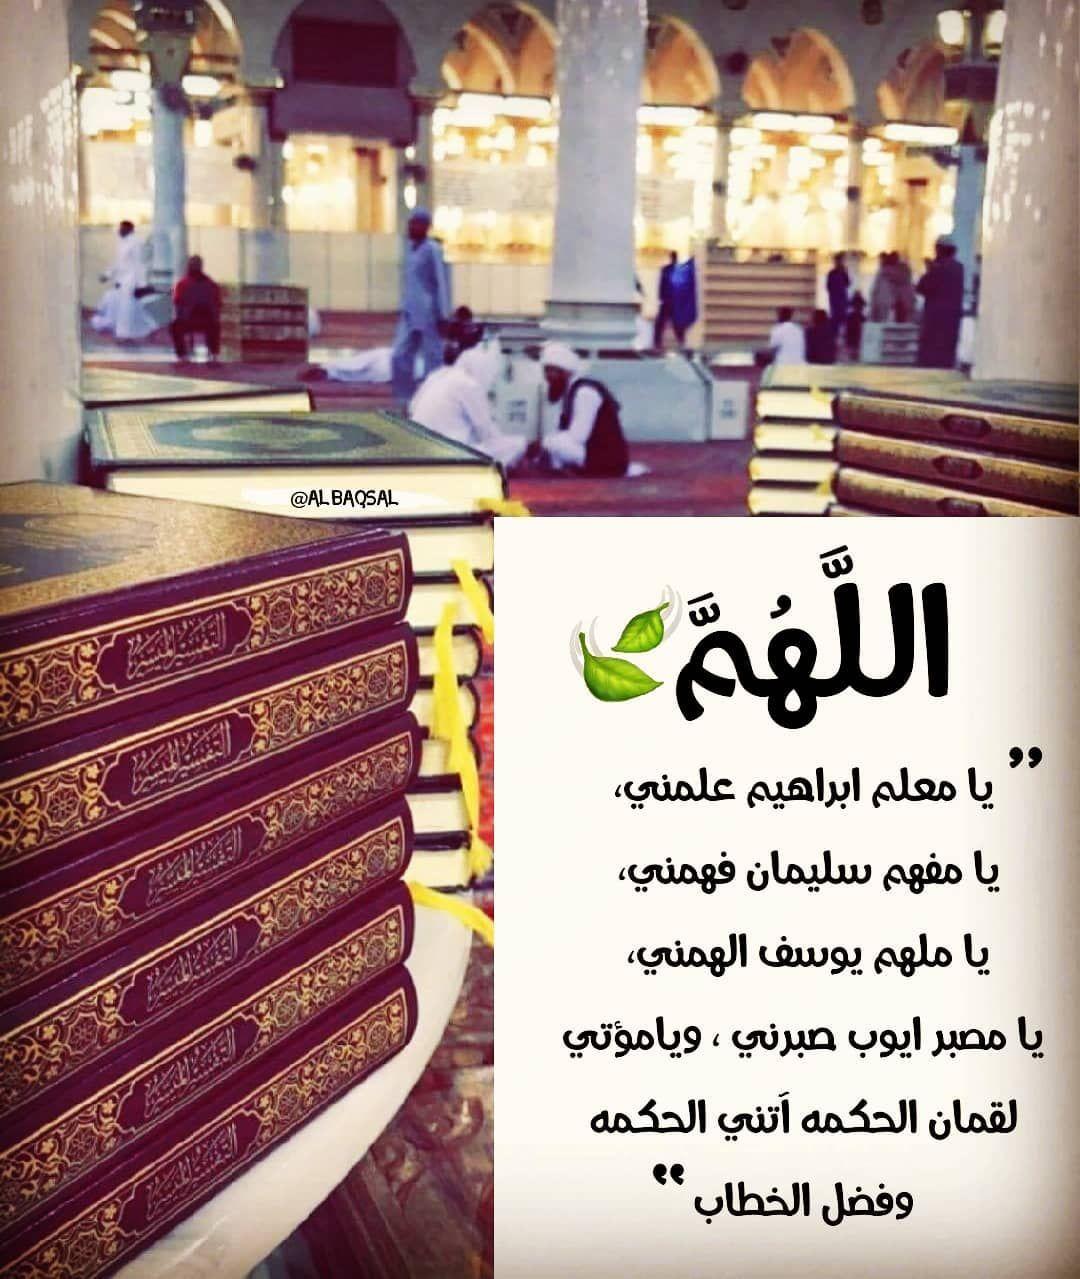 اللهم آمين يا رب تذكير ادعية حفظ اللهم Islamic Posts Daily Islamic Info Islamic Arabic Quotes Baseball Cards Quotes